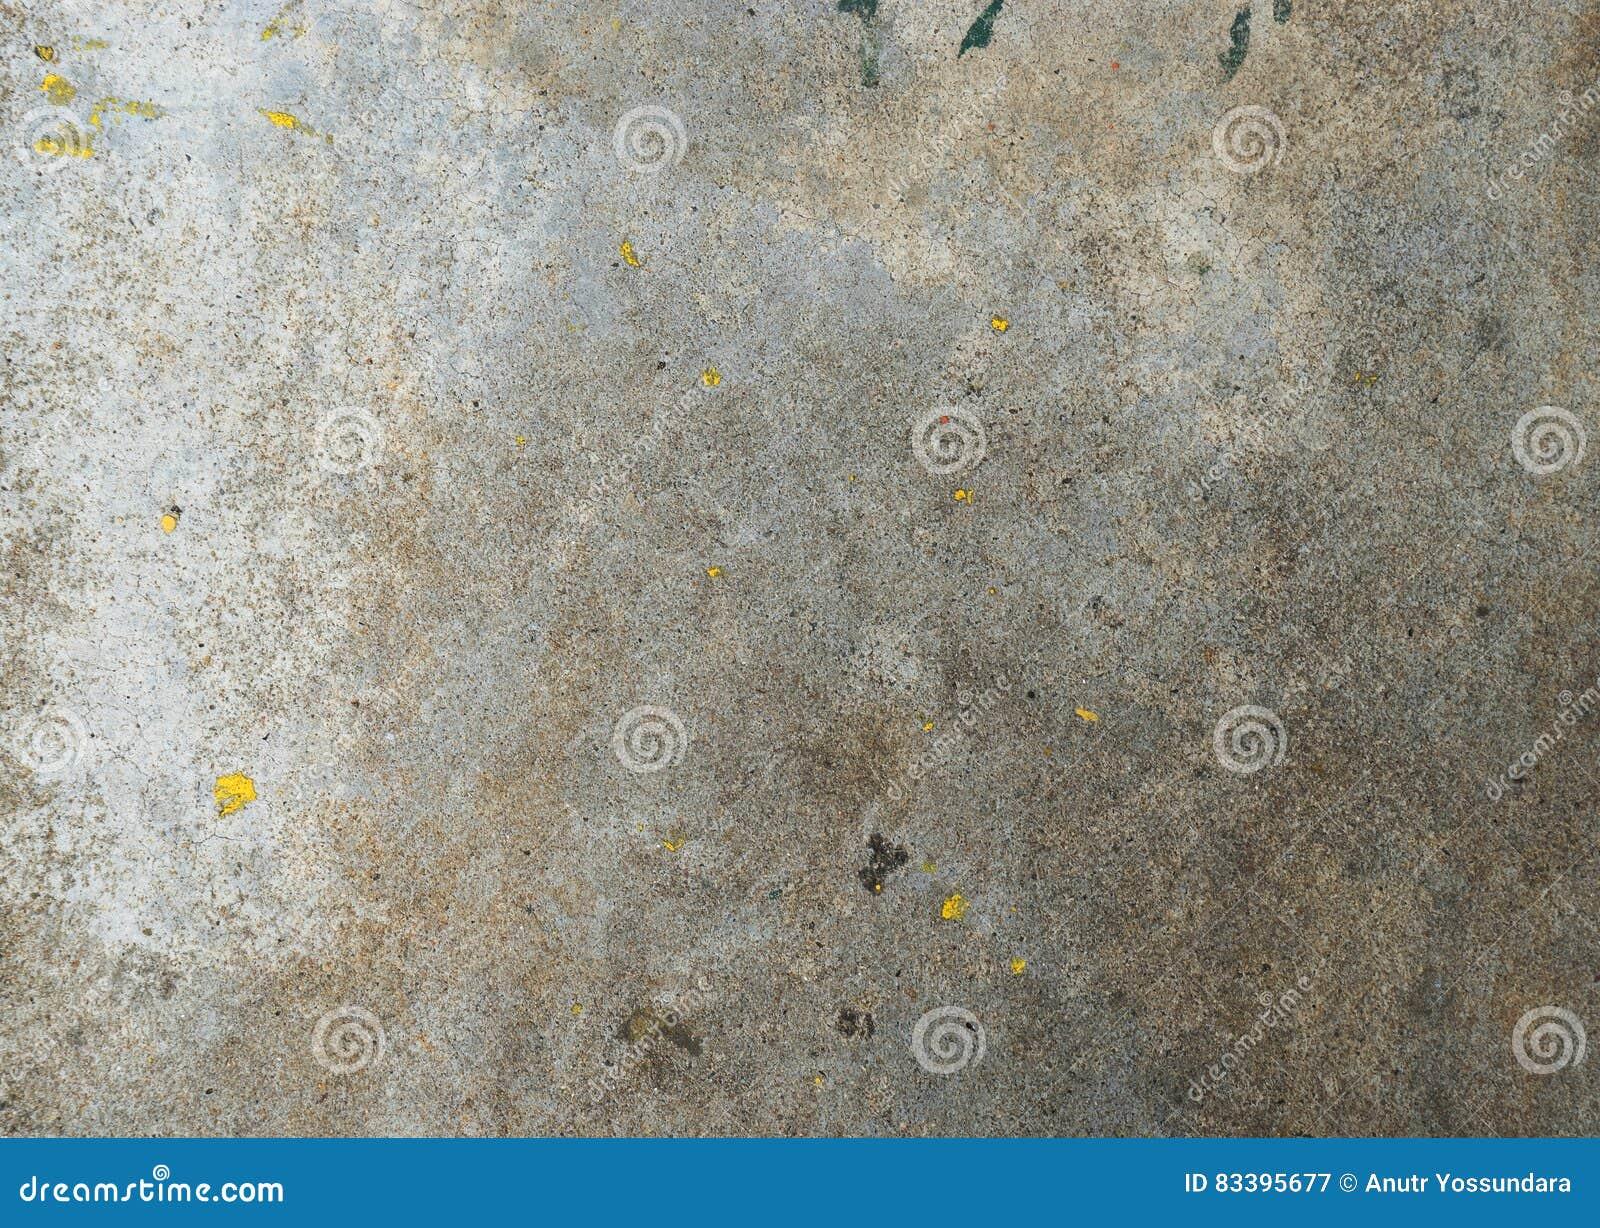 Pittura Per Cemento : Parete rustica dura del cemento con struttura sporca della pittura